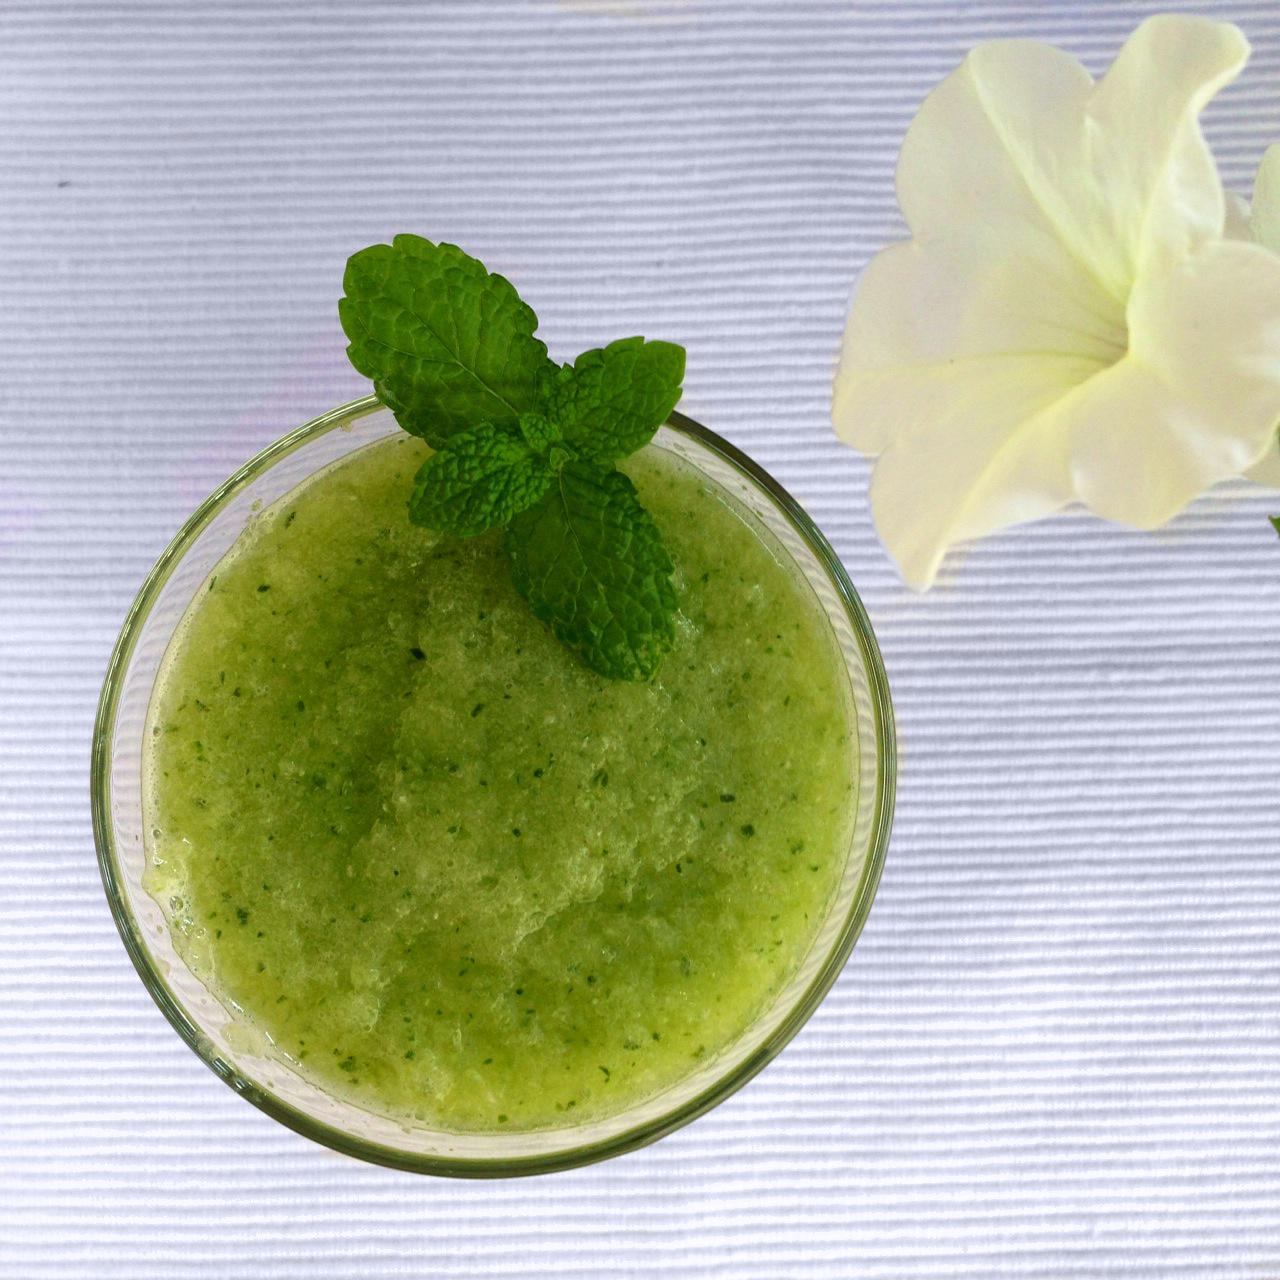 Desayuno-sano-zumos-detox-con-tostada-y-aove-Bronze-y-Mora-aceite-de-oliva-virgen-extra-ideal-para-regalar-regalos-de-empresa-dieta-sana-healthy-food-oliveoil